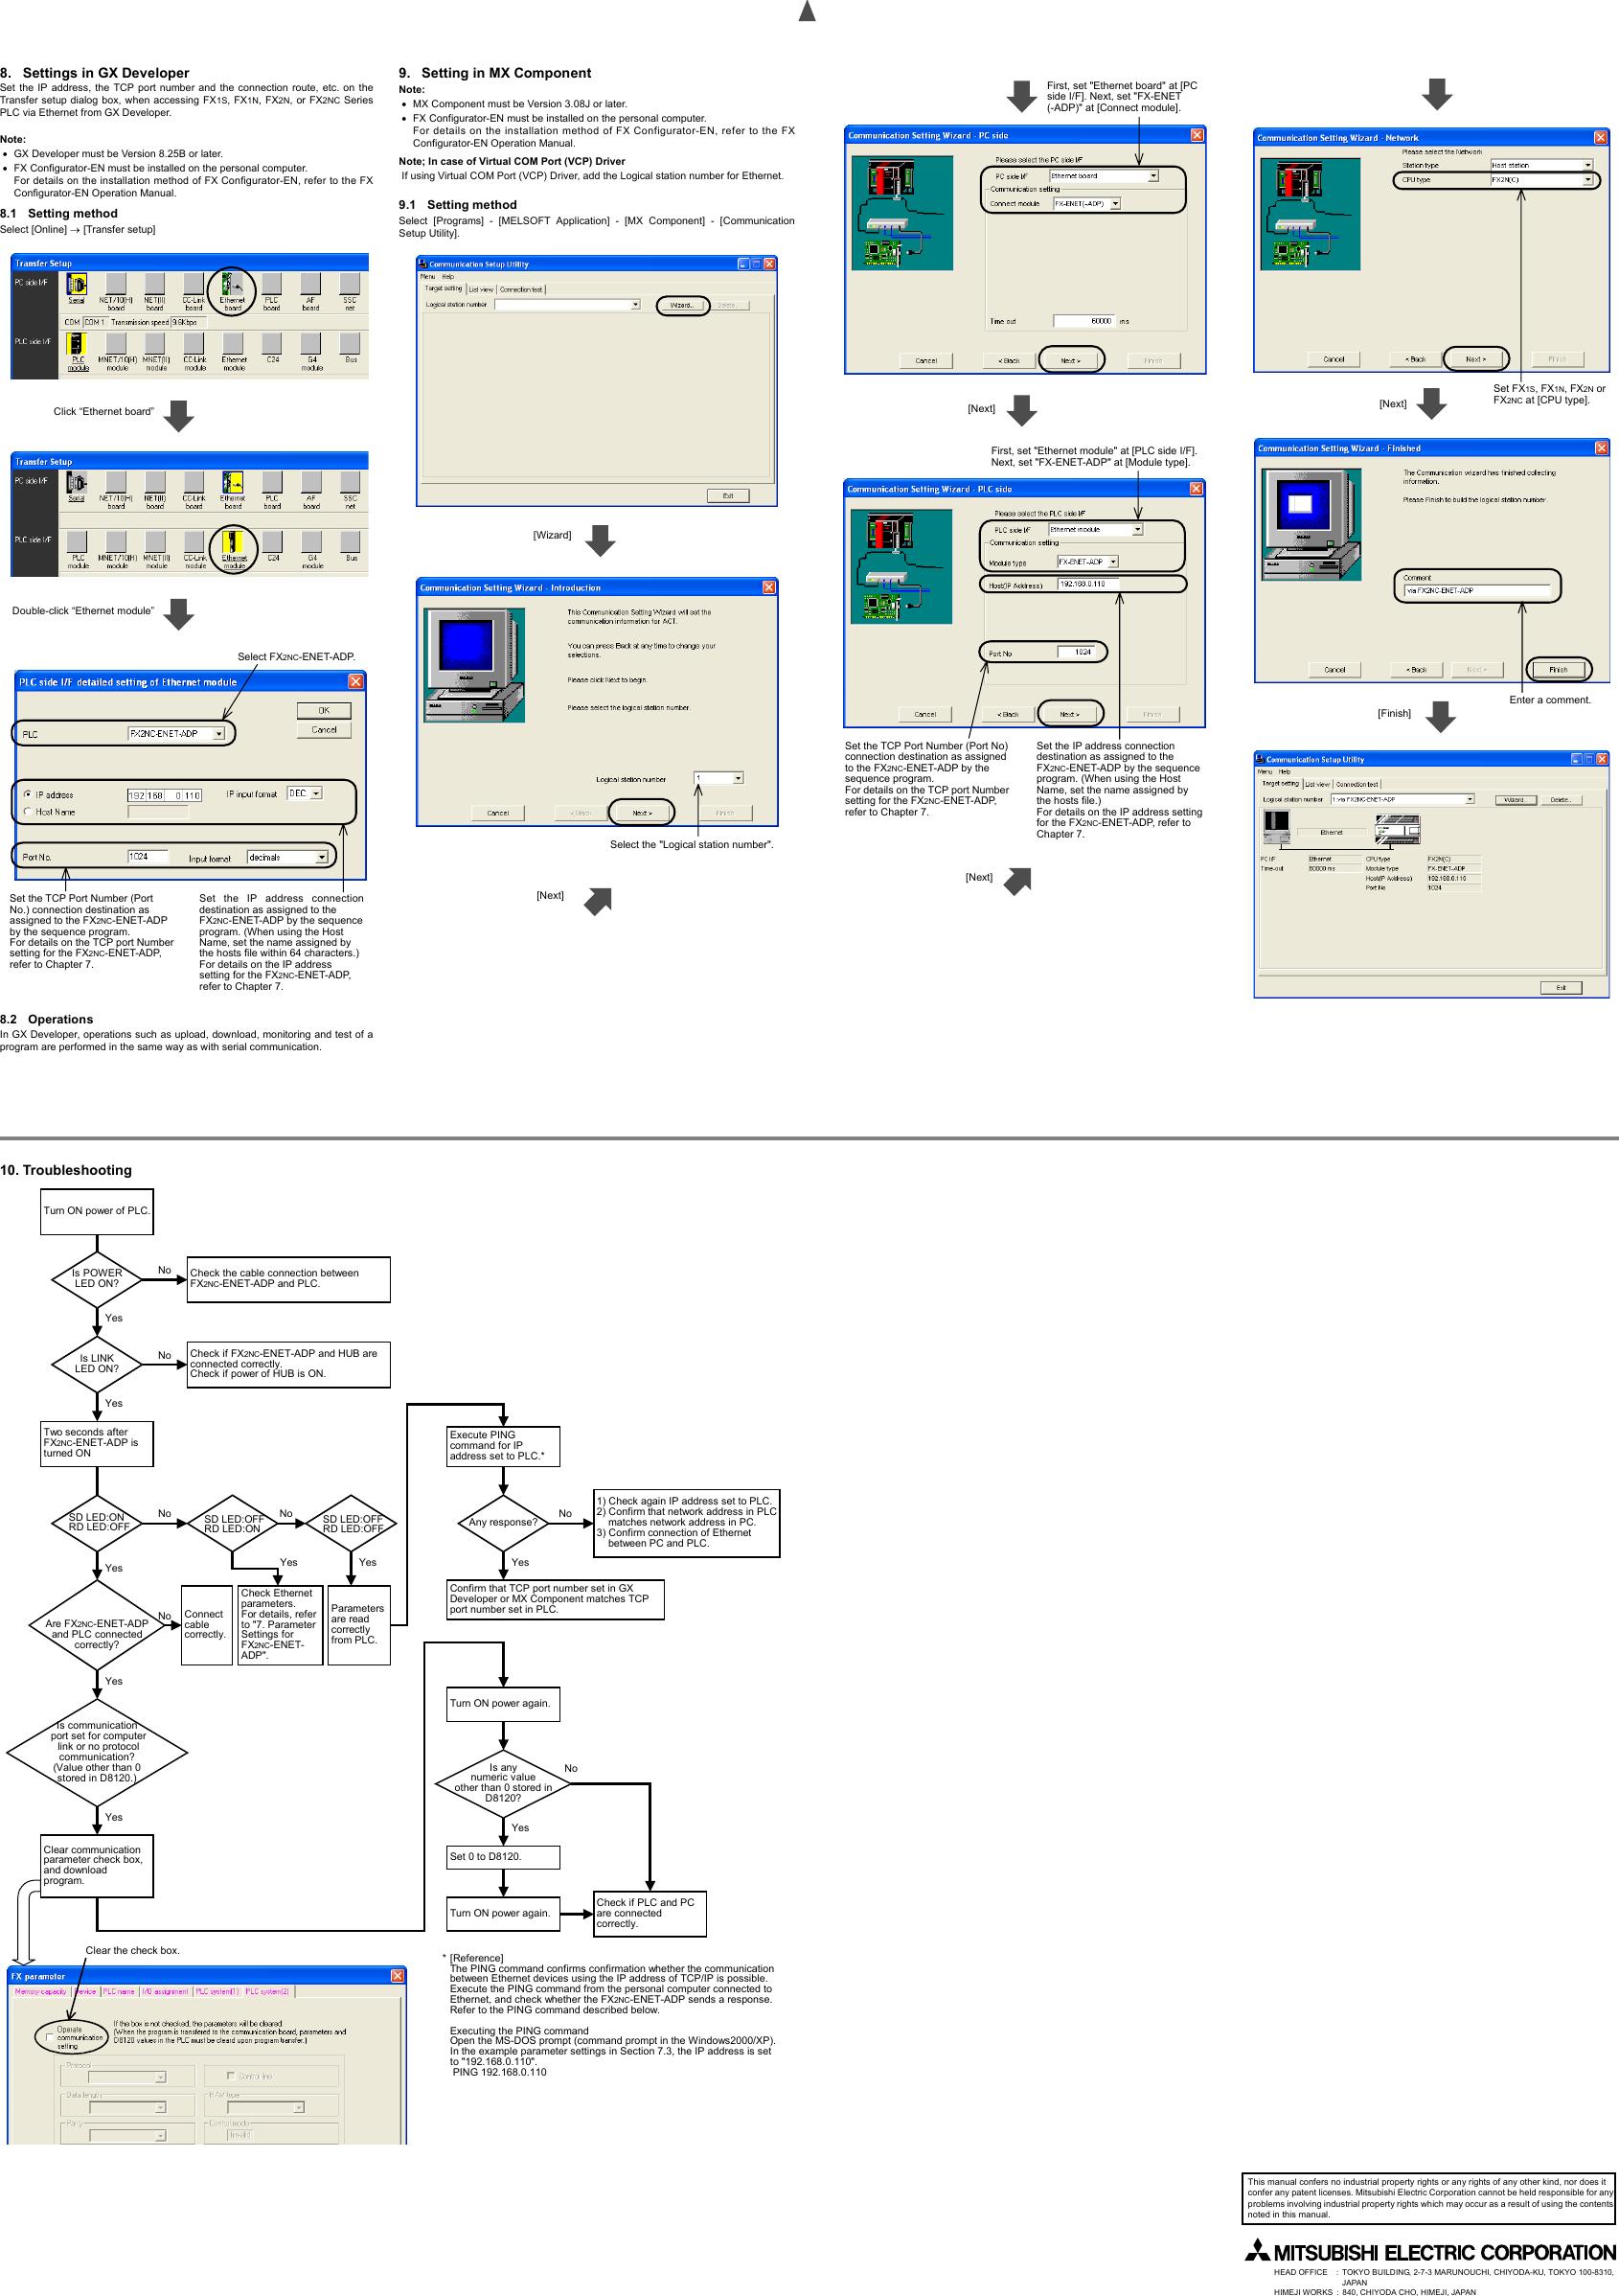 Mitsubishi Electronics Fx2Nc Enet Adp Users Manual 123D_FX2NC